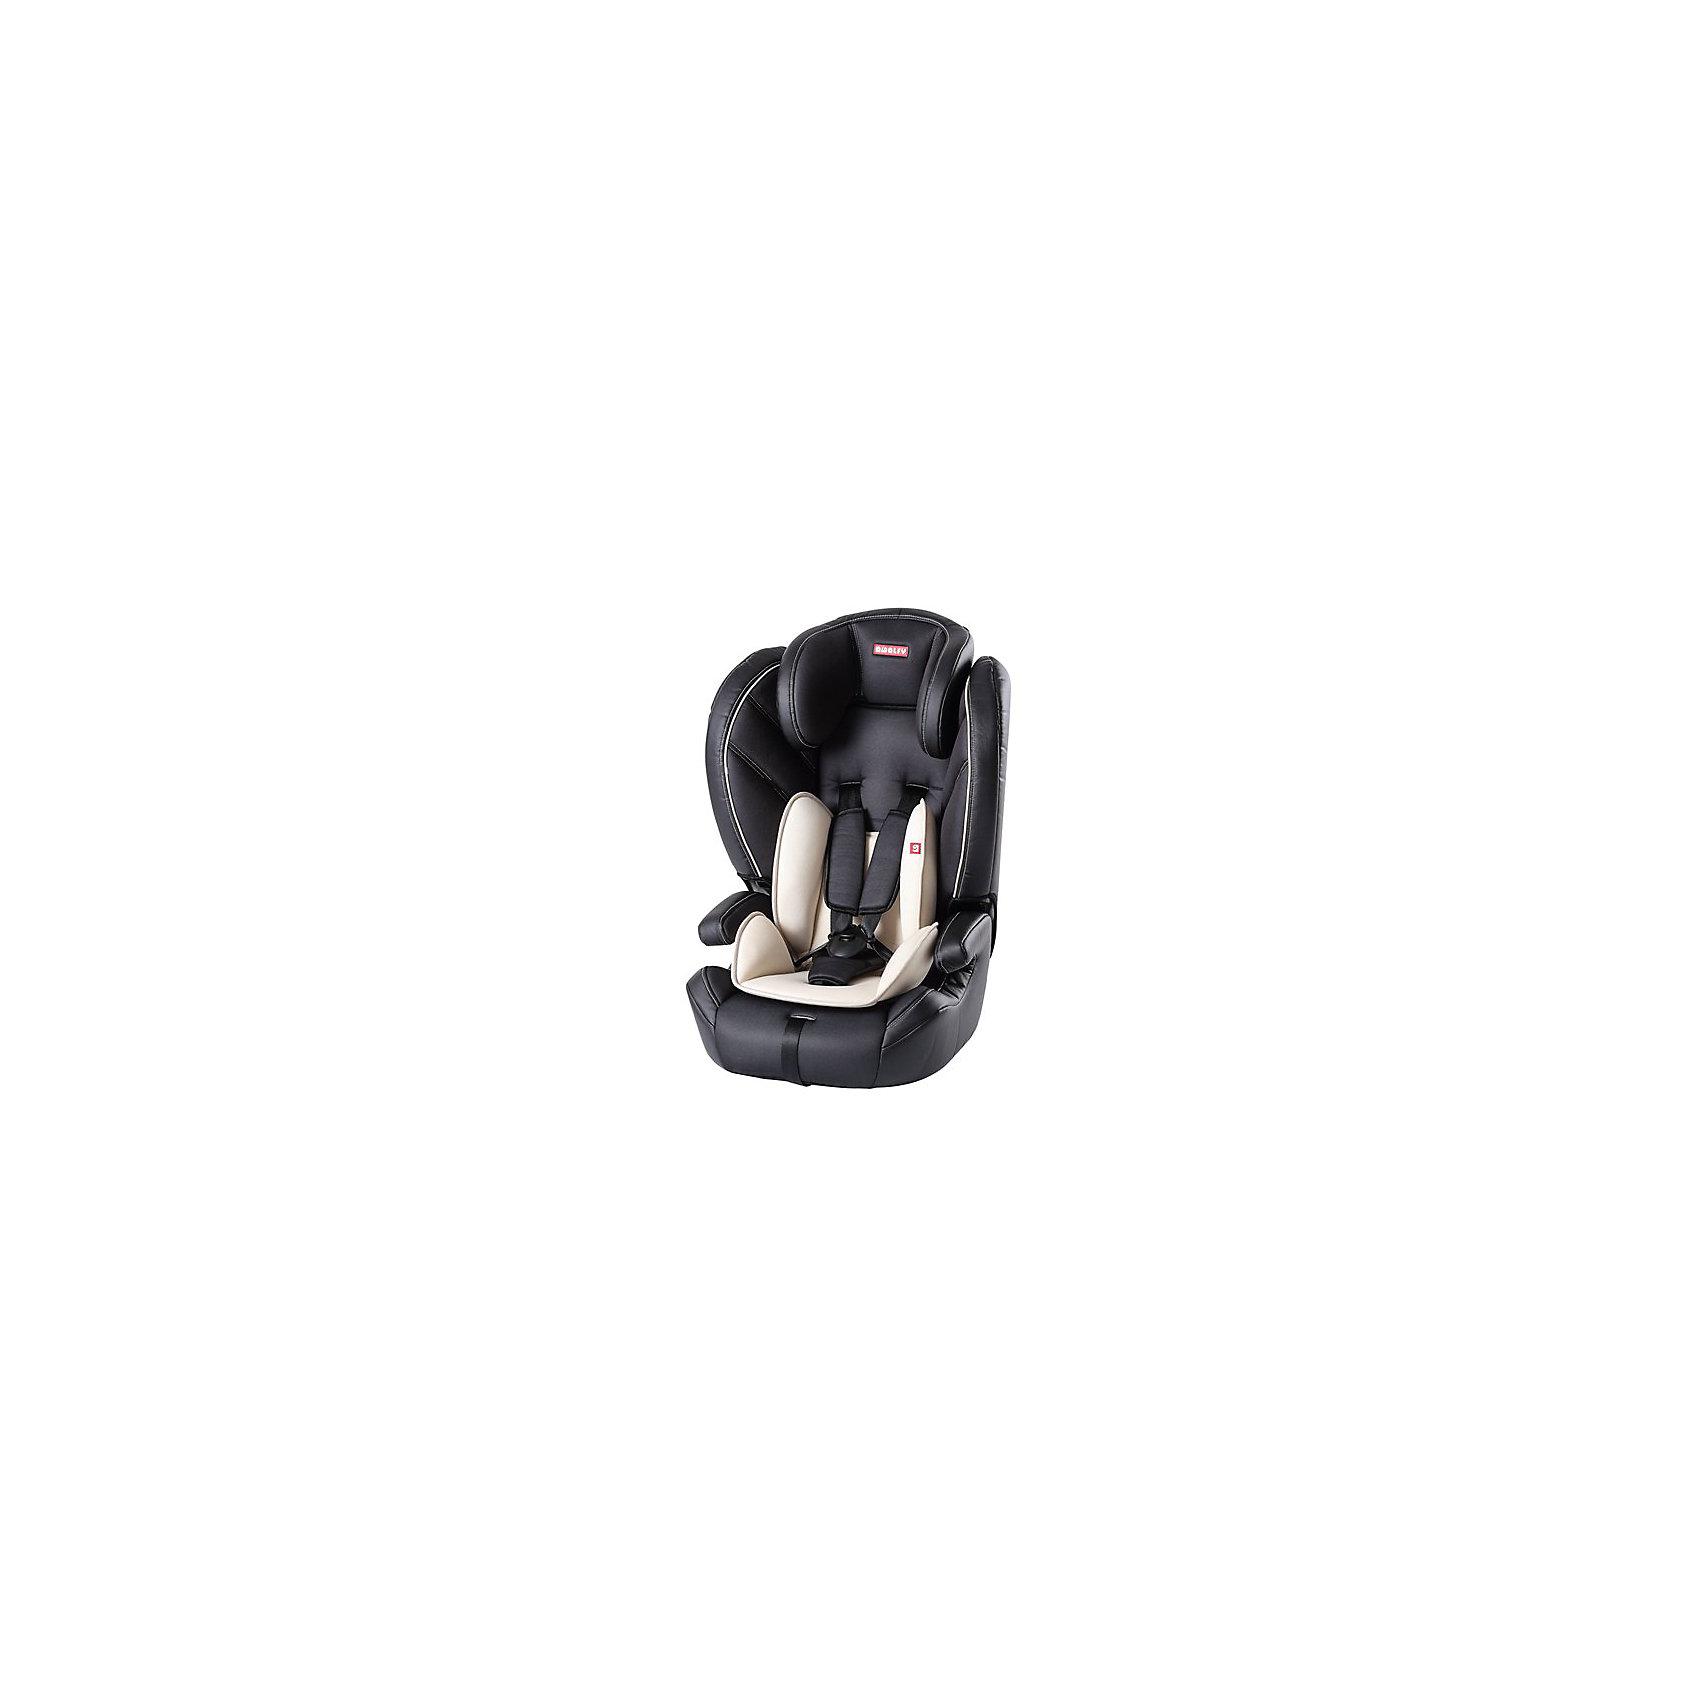 - Автокресло НB-508, 9-36 кг, Amalfy, черный amalfy нb 508 black